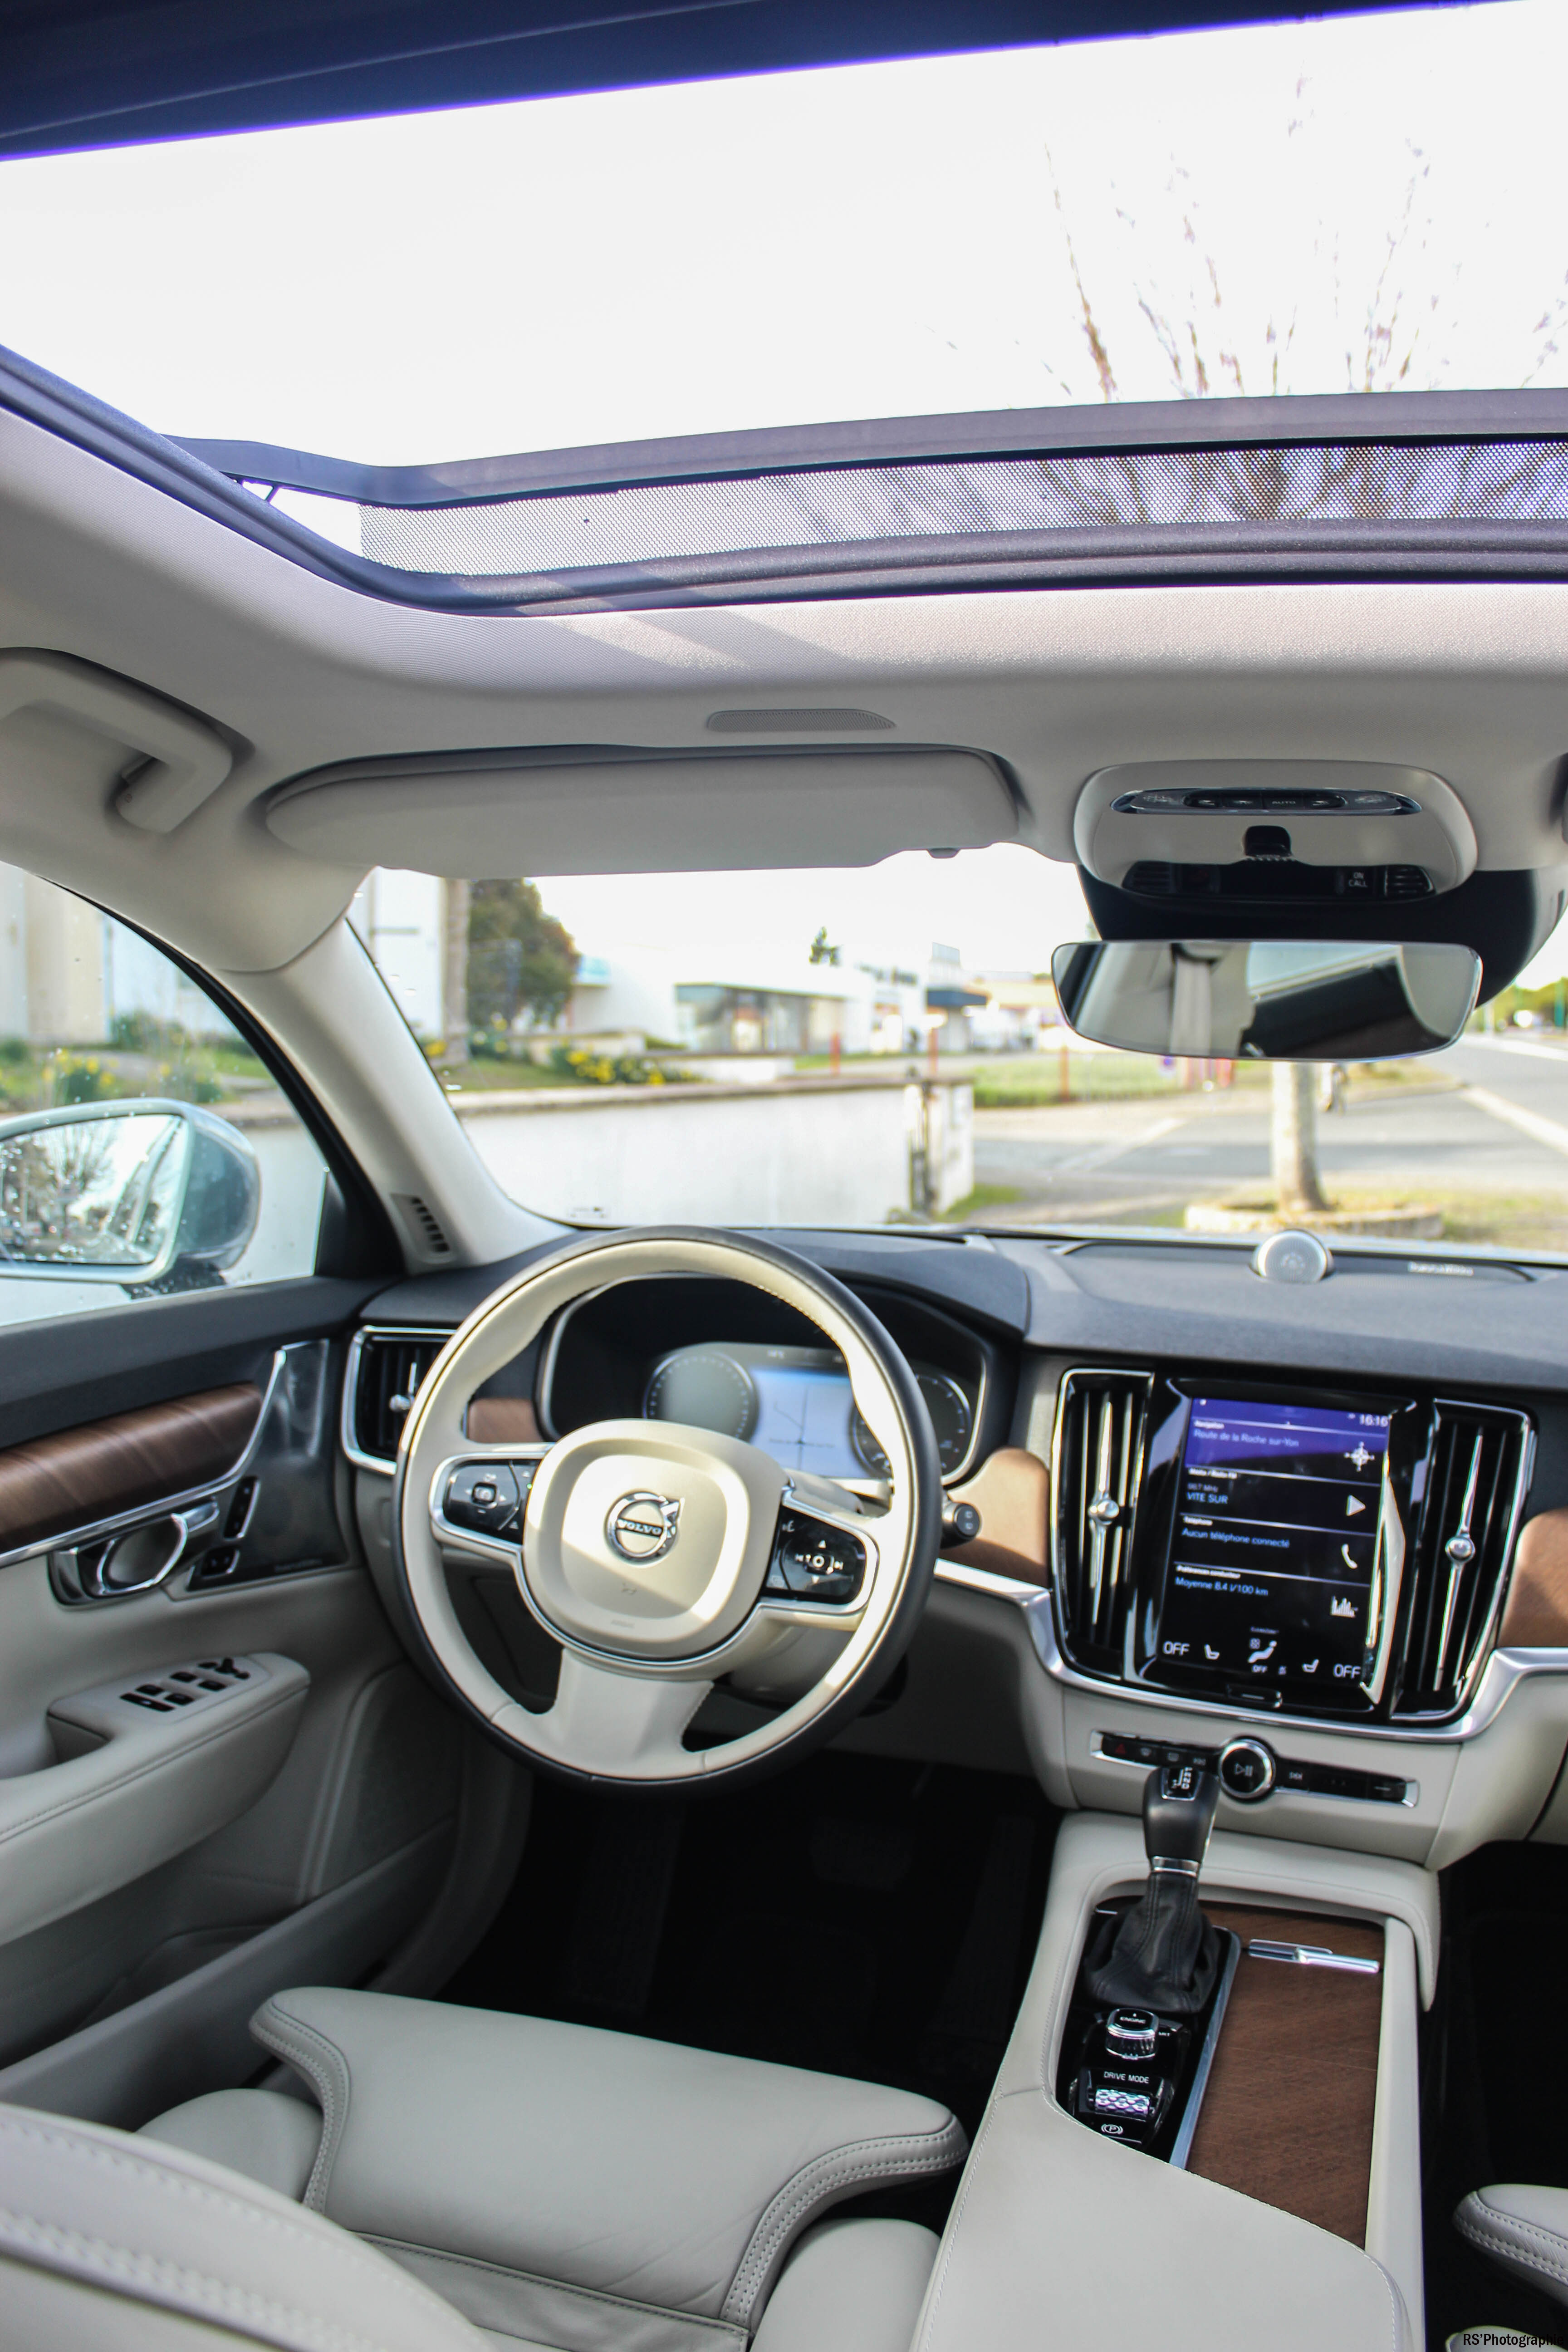 VolvoV907-volvo-v90-d5-intérieur-onboard-arnaud-demasier-RSPhotographie